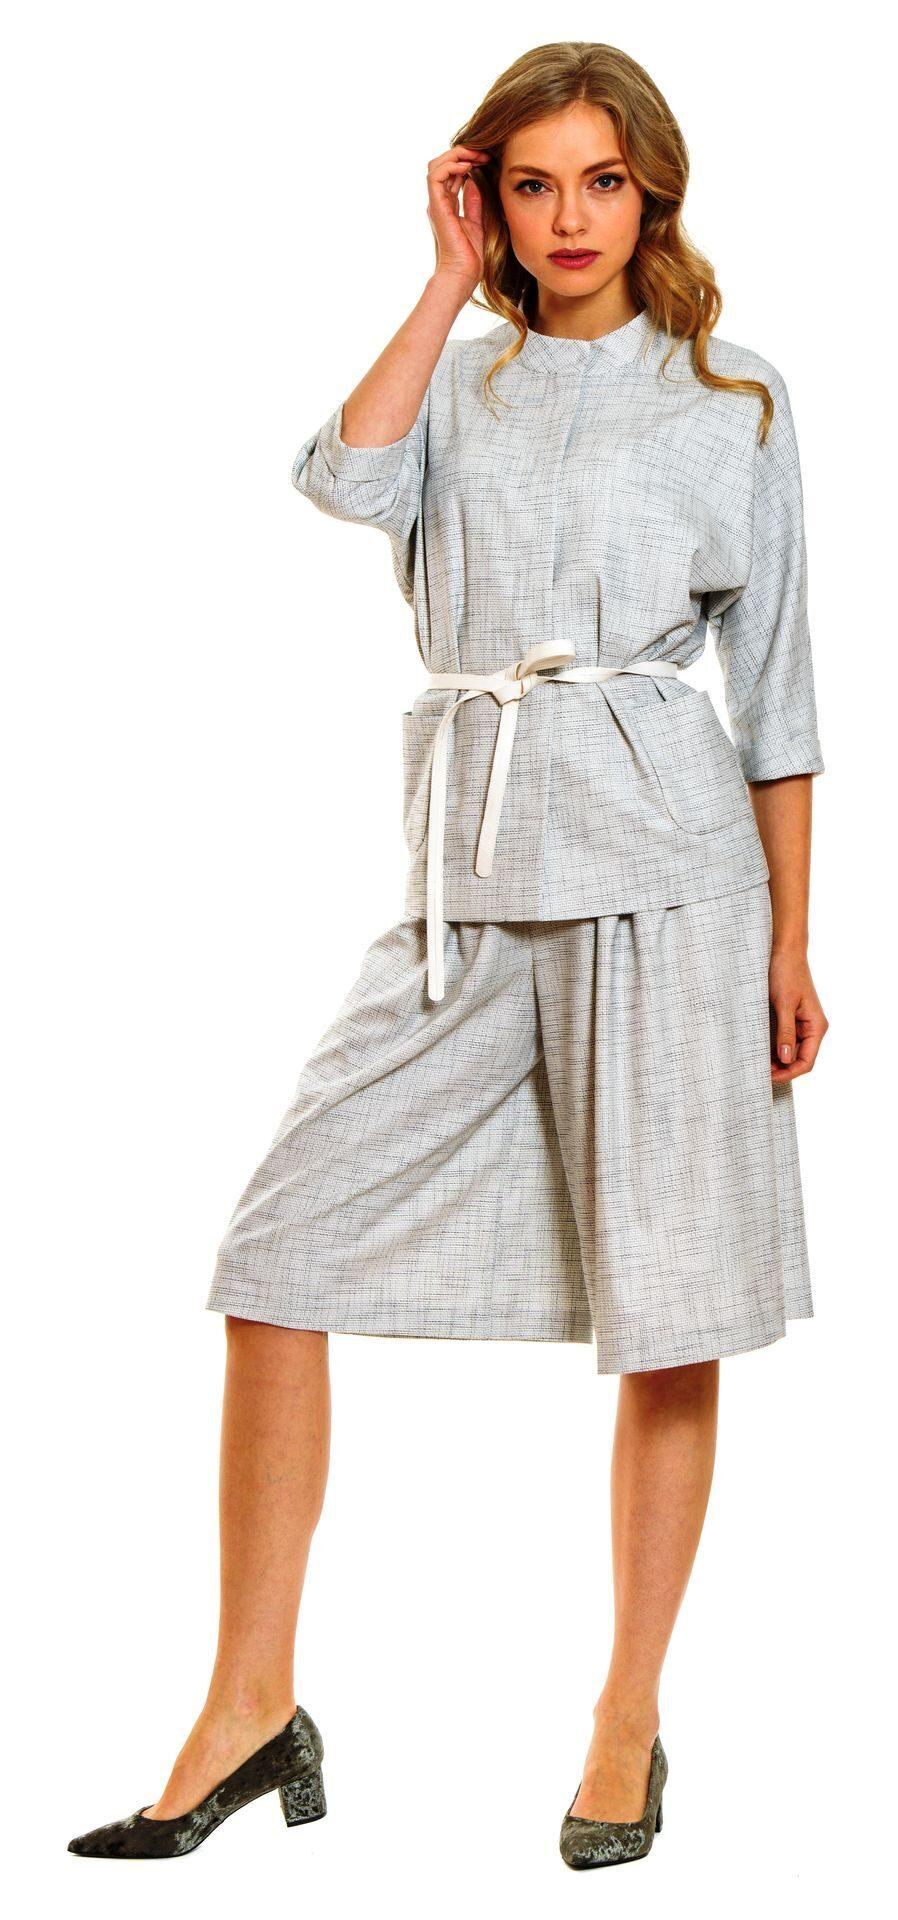 f48722bcc5d Продажа верхней женской одежды Модная стильная женская одежда ...